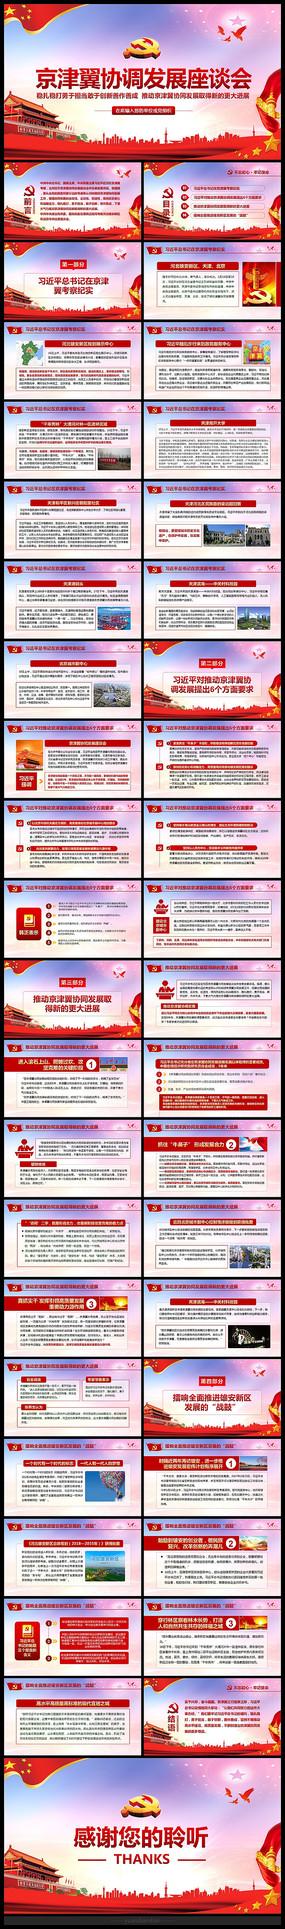 京津冀协同发展课件PPT